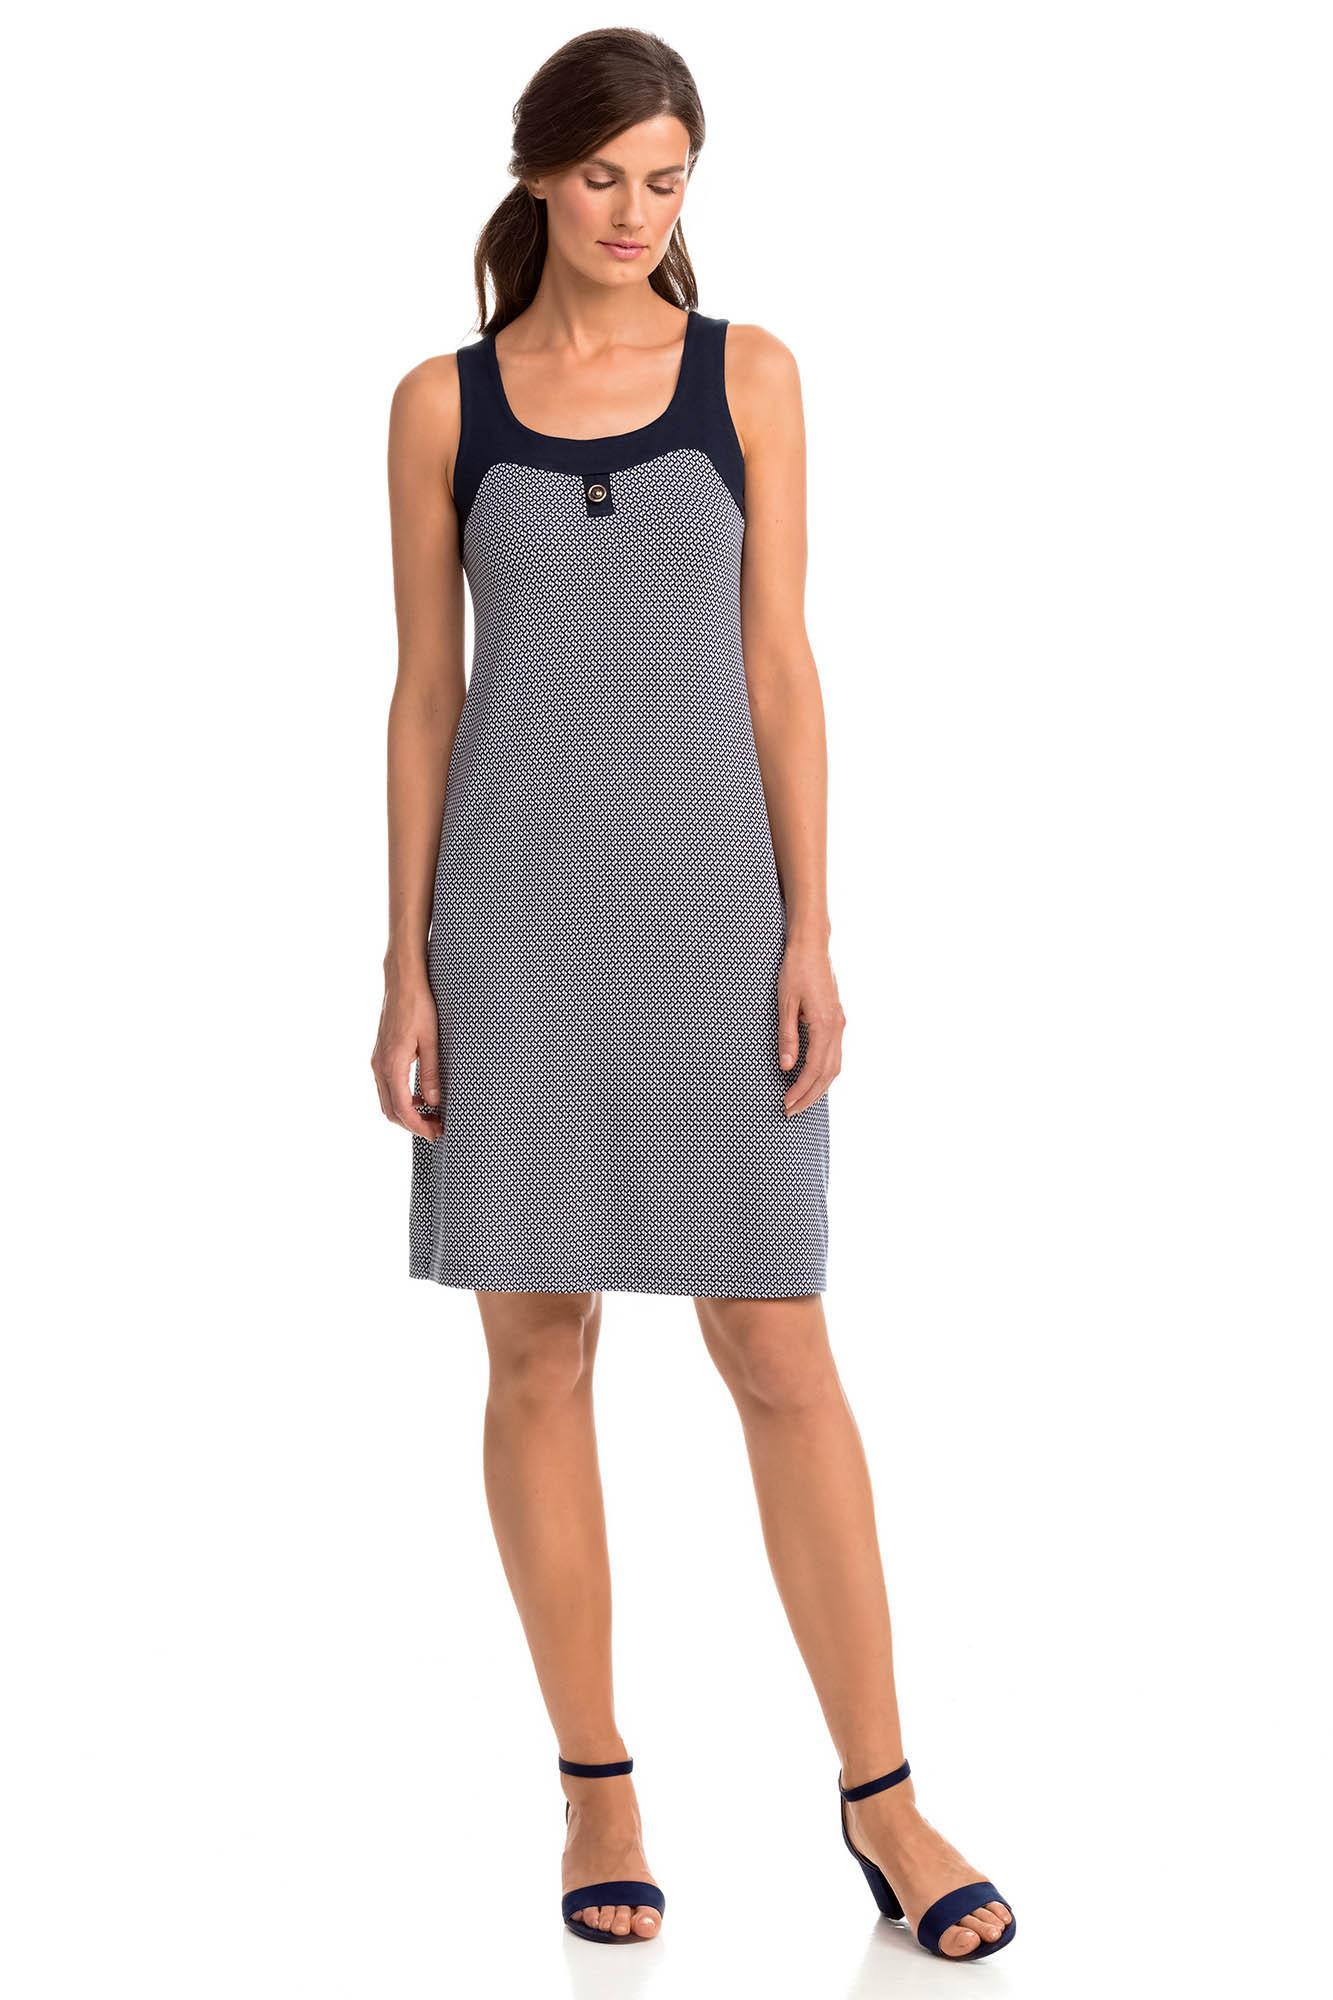 Vamp - Elegantní vzorované dámské šaty BLUE L 14455 - Vamp